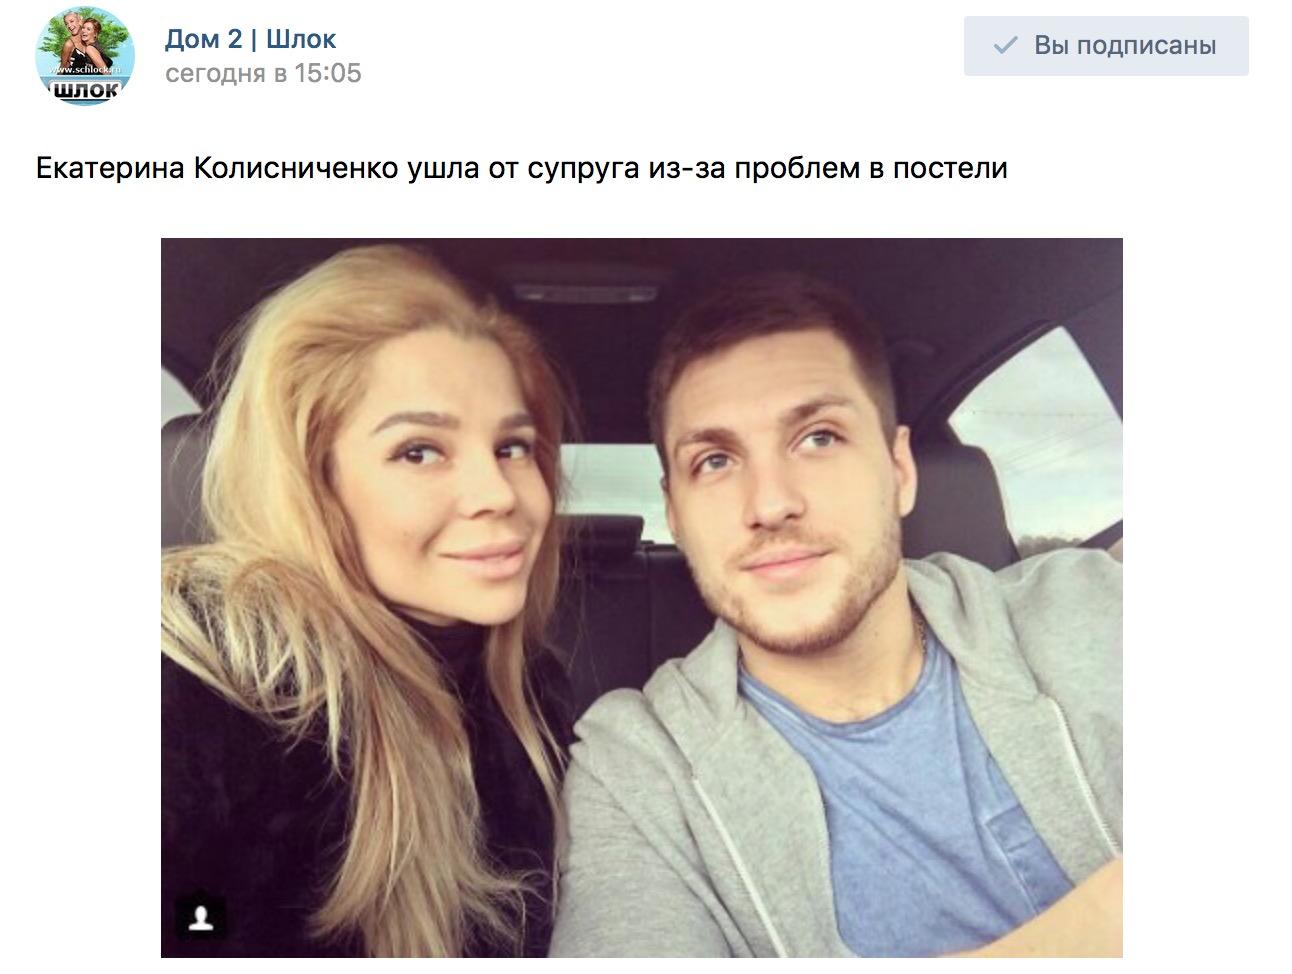 Екатерина Колисниченко ушла от супруга